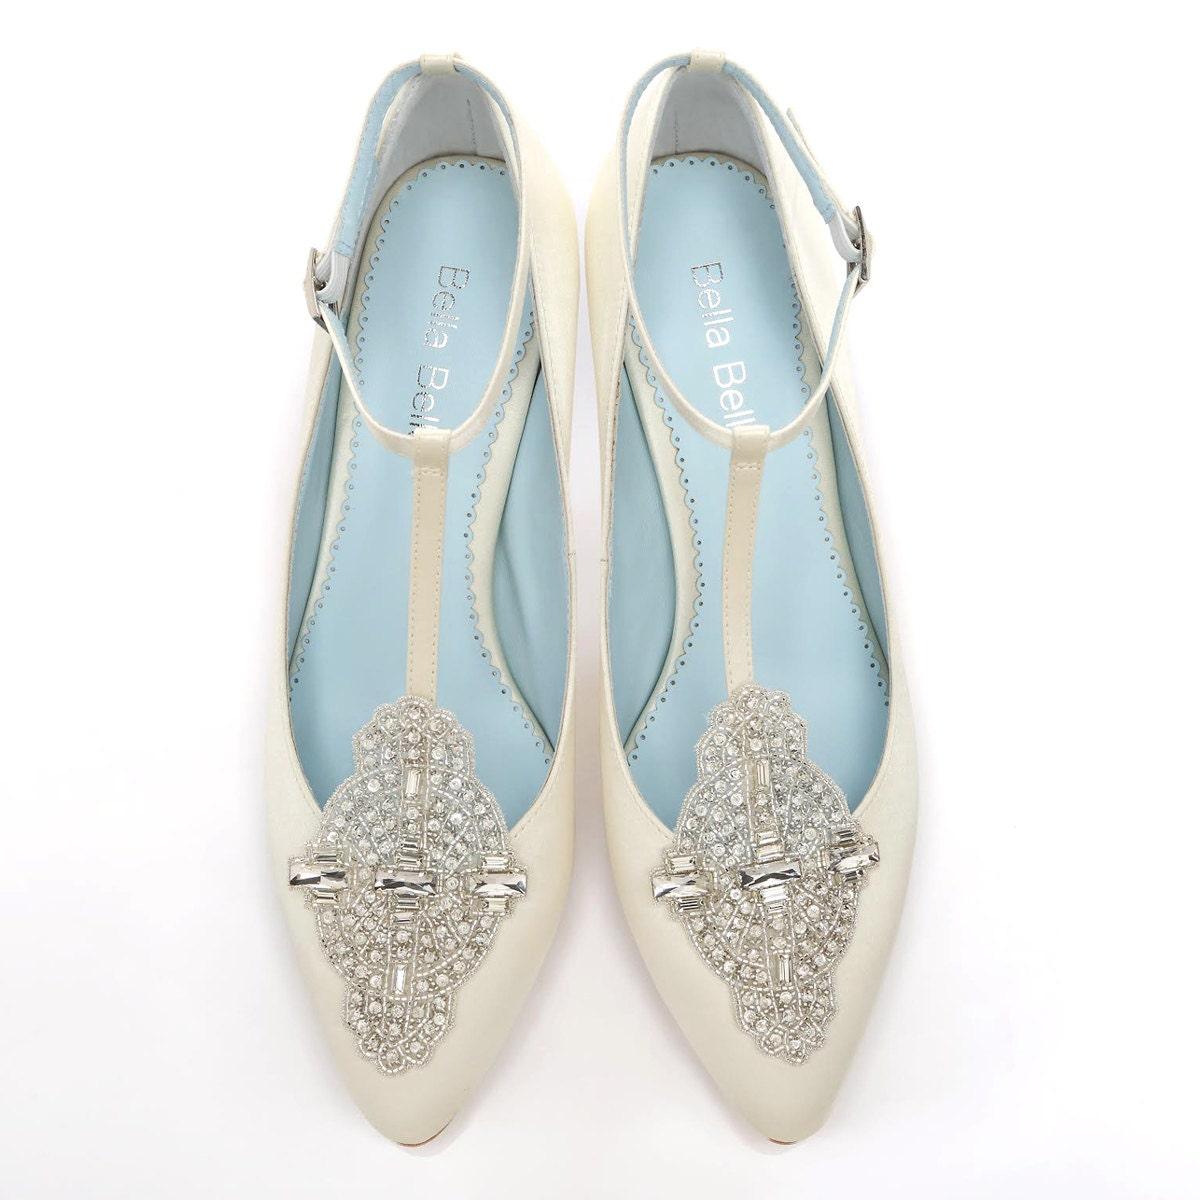 Custom Made Bridal Shoes Uk: Handmade Wedding Shoes With Art Deco Ivory Or White Wedding